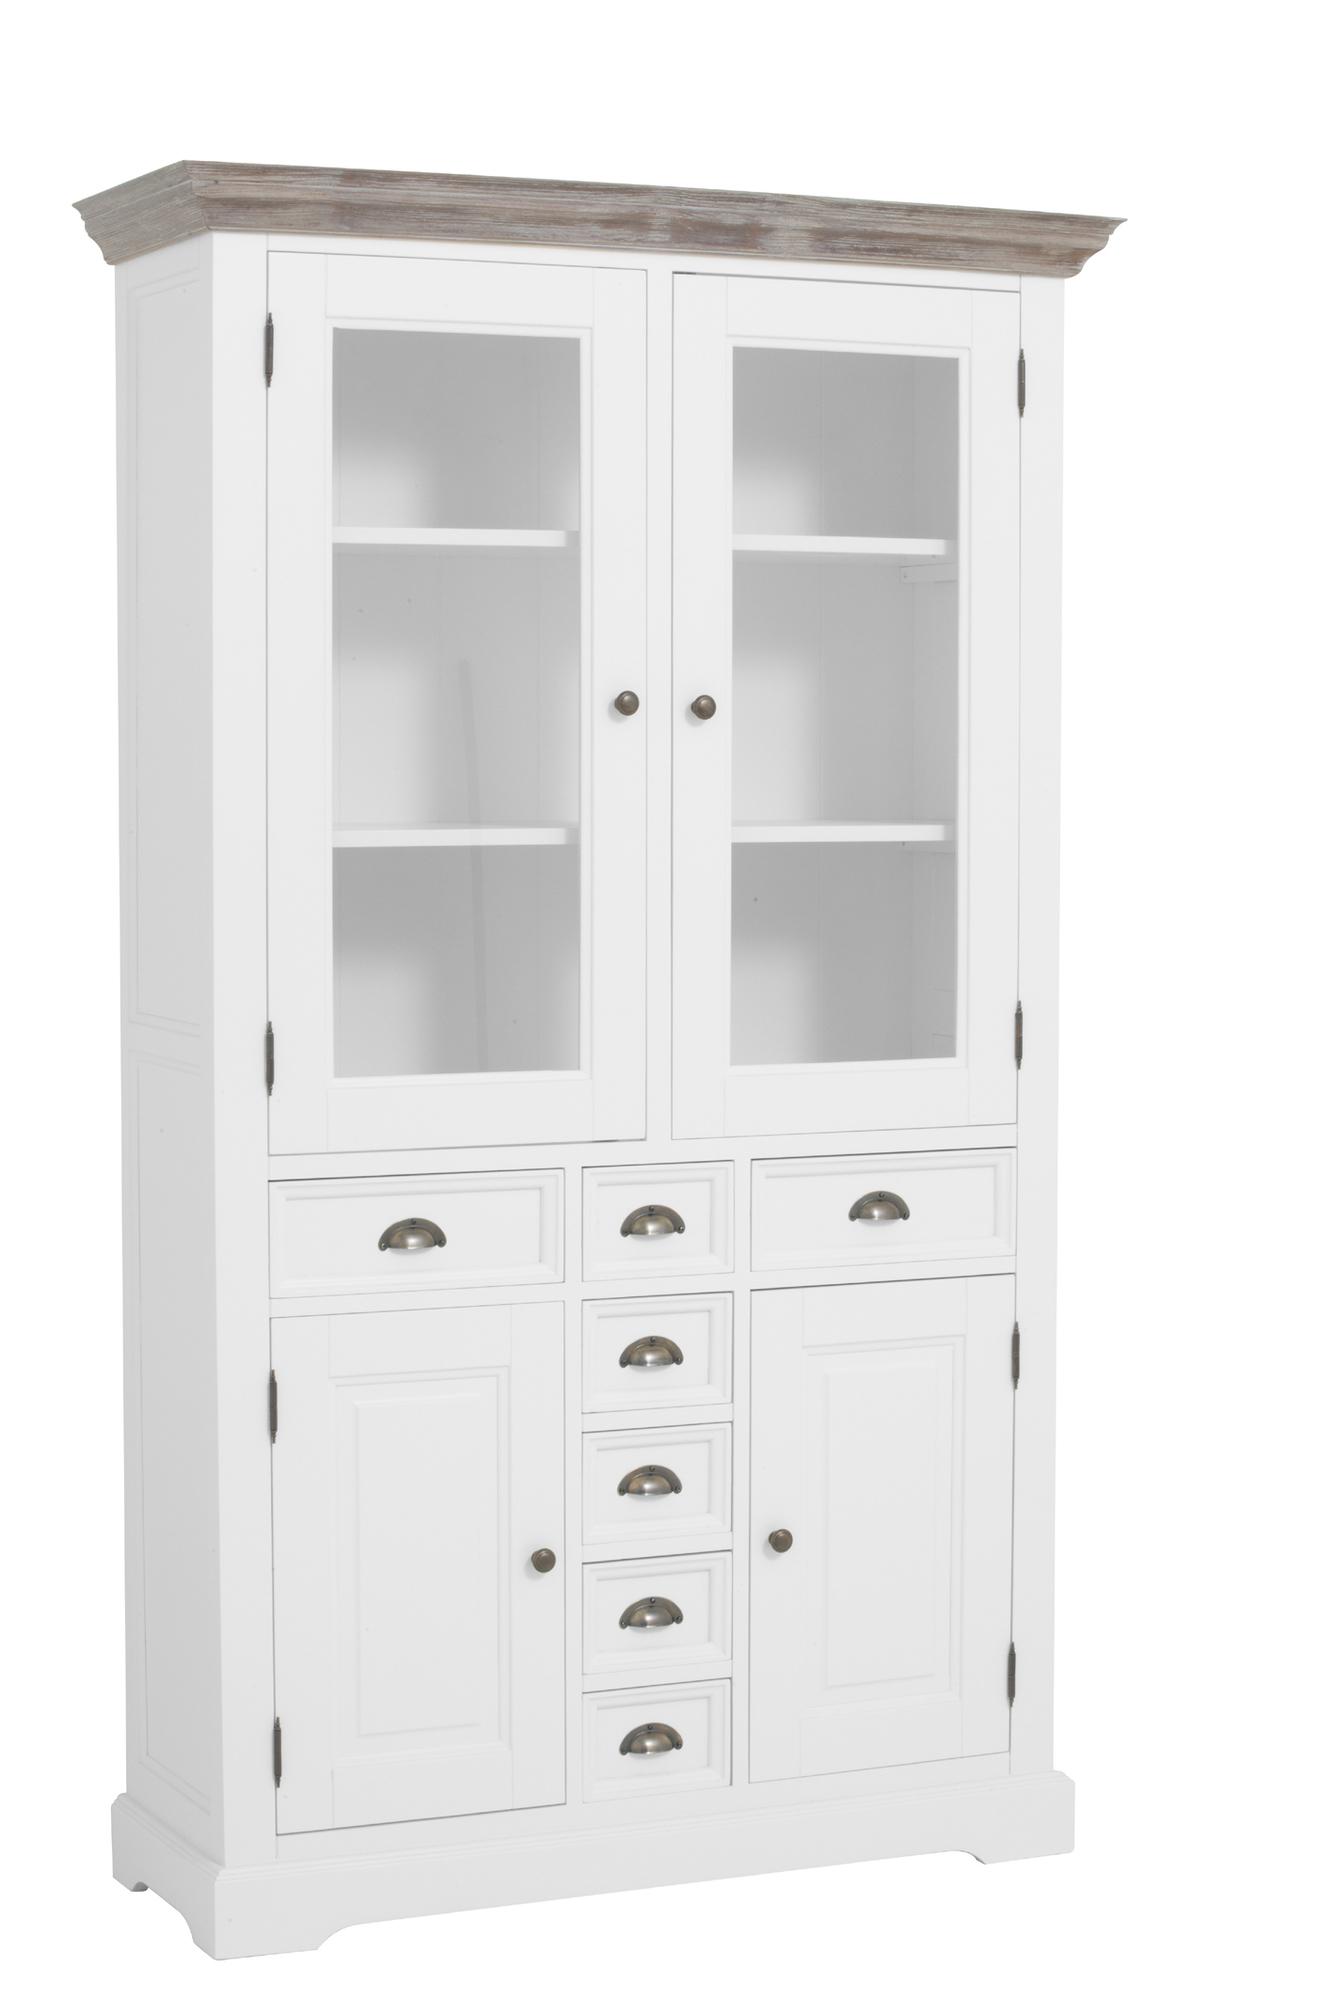 kast-fleur-buffetkast-towerliving-DD0012 -115cm-vergrijsd hout-trendy wit-laadjes-glazen deurtjes-komgreep